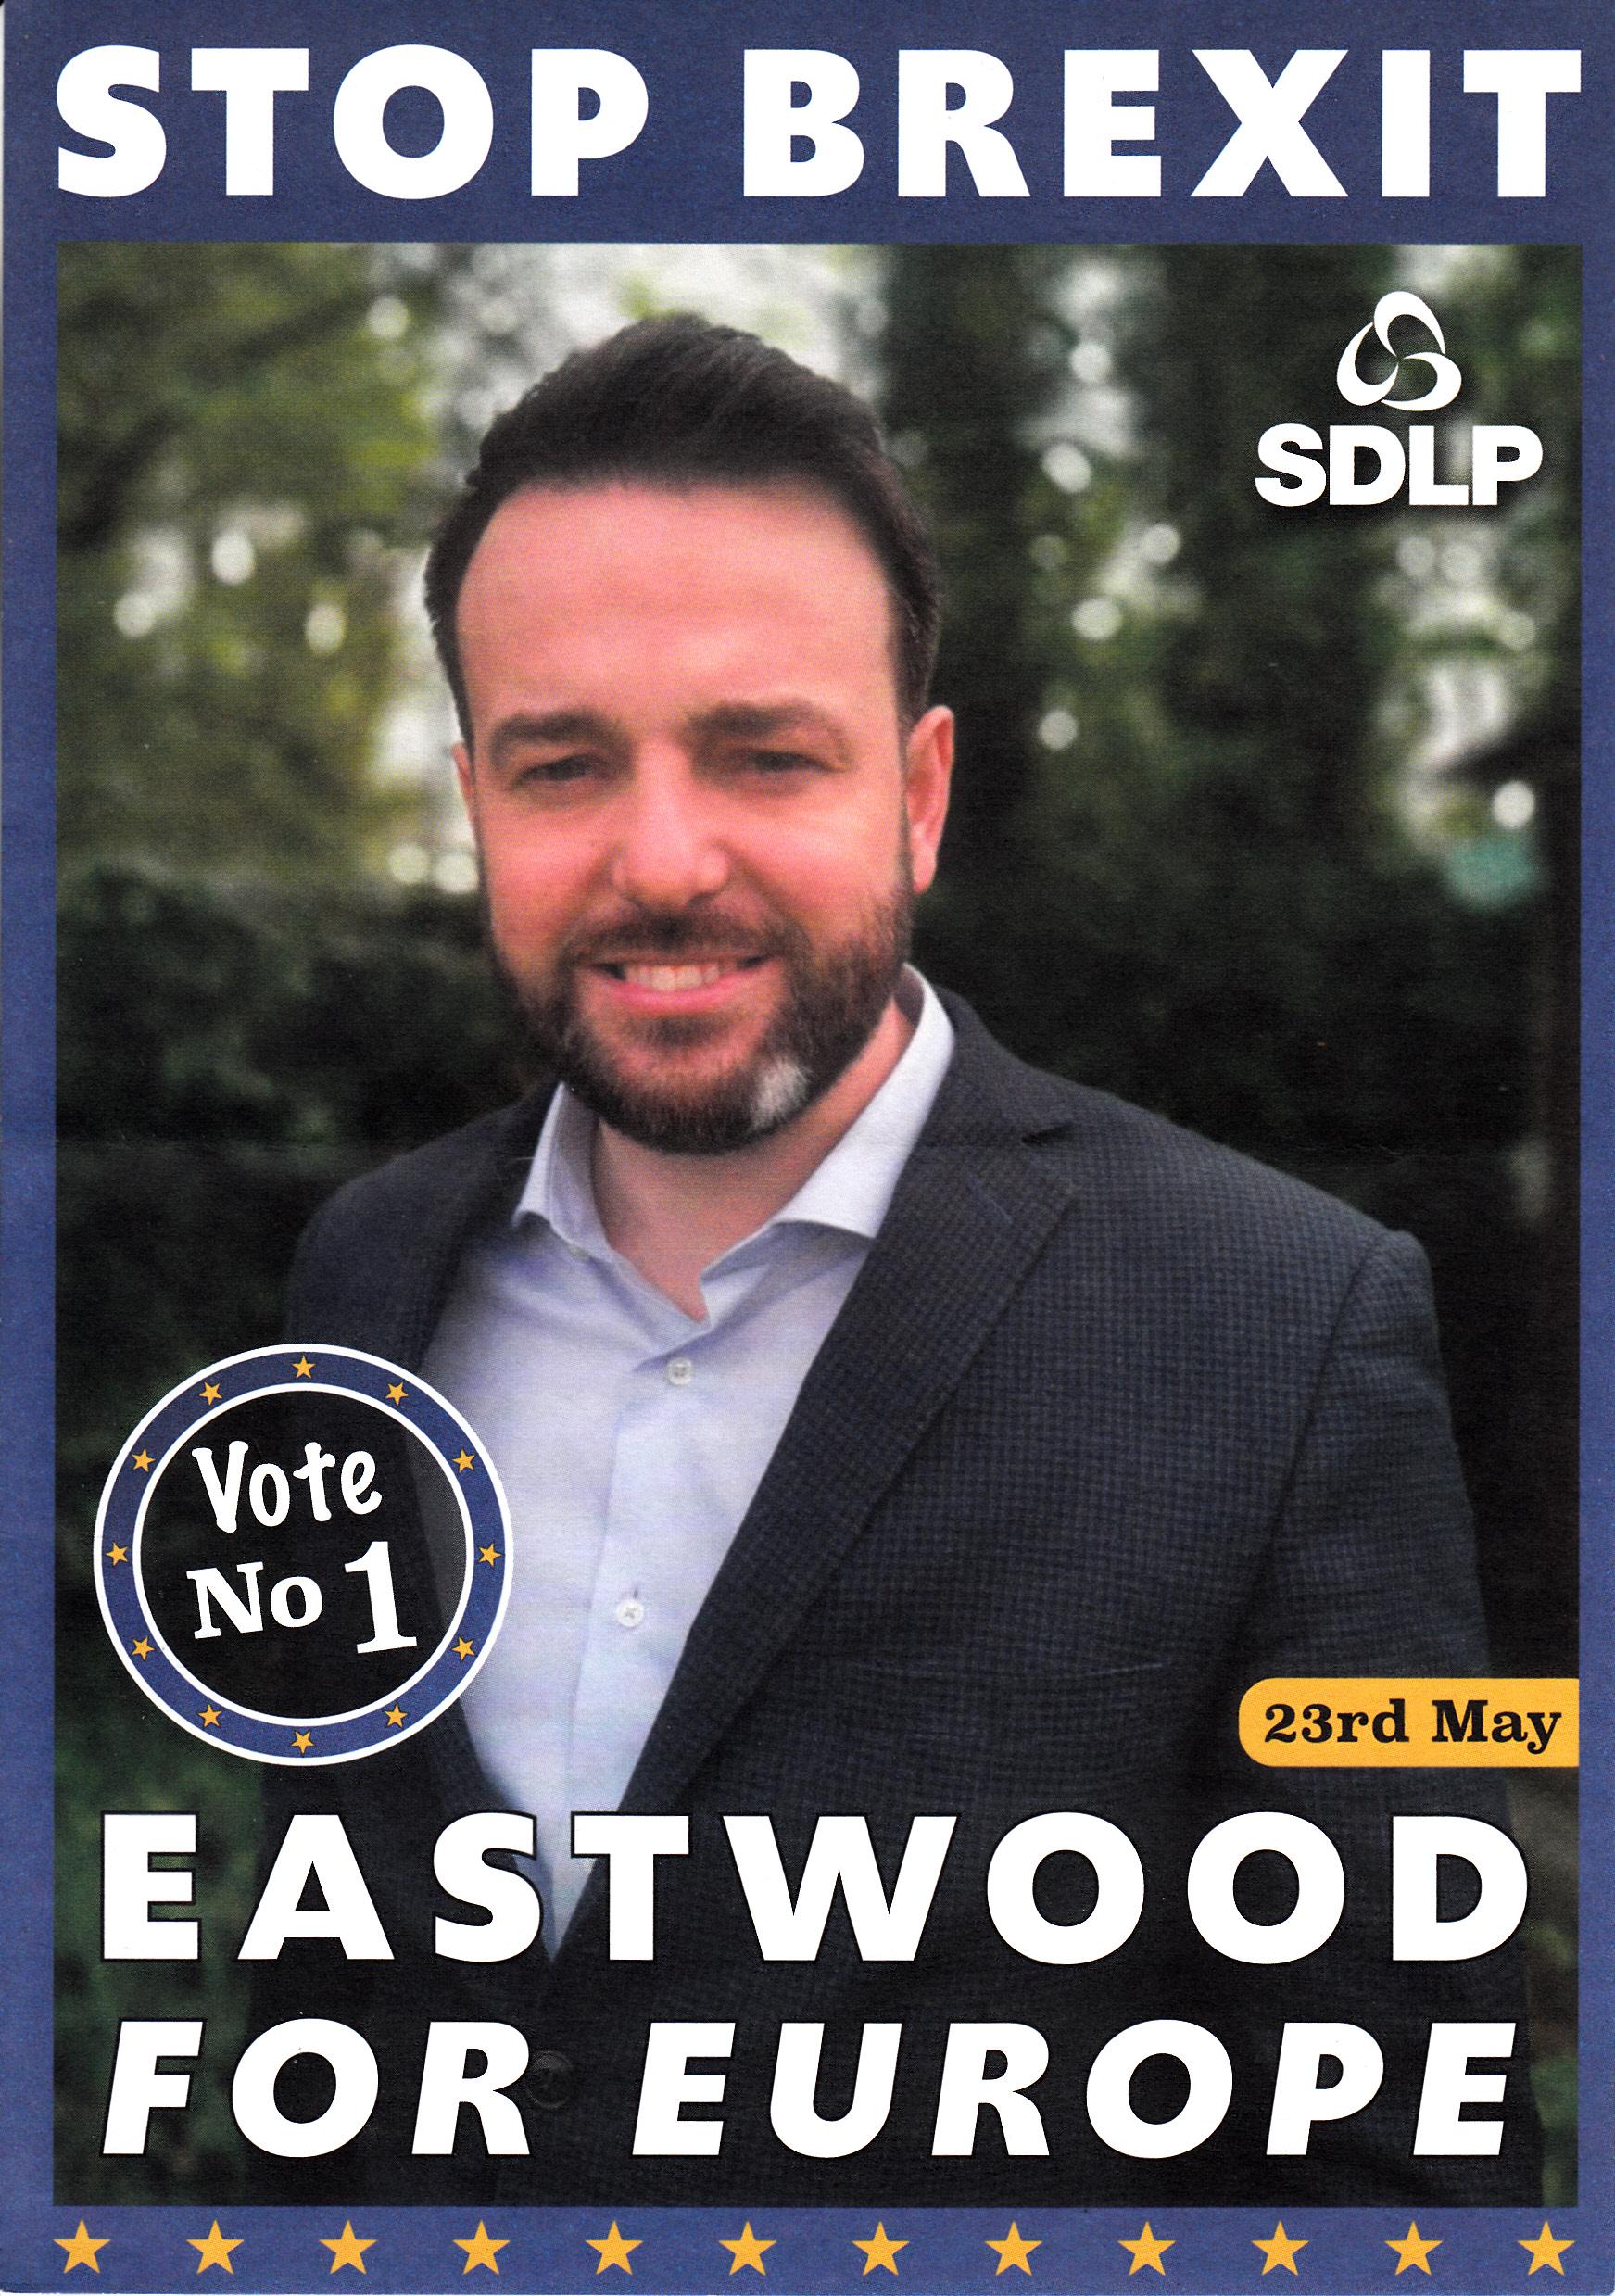 SDLP_2019_europeias_0003